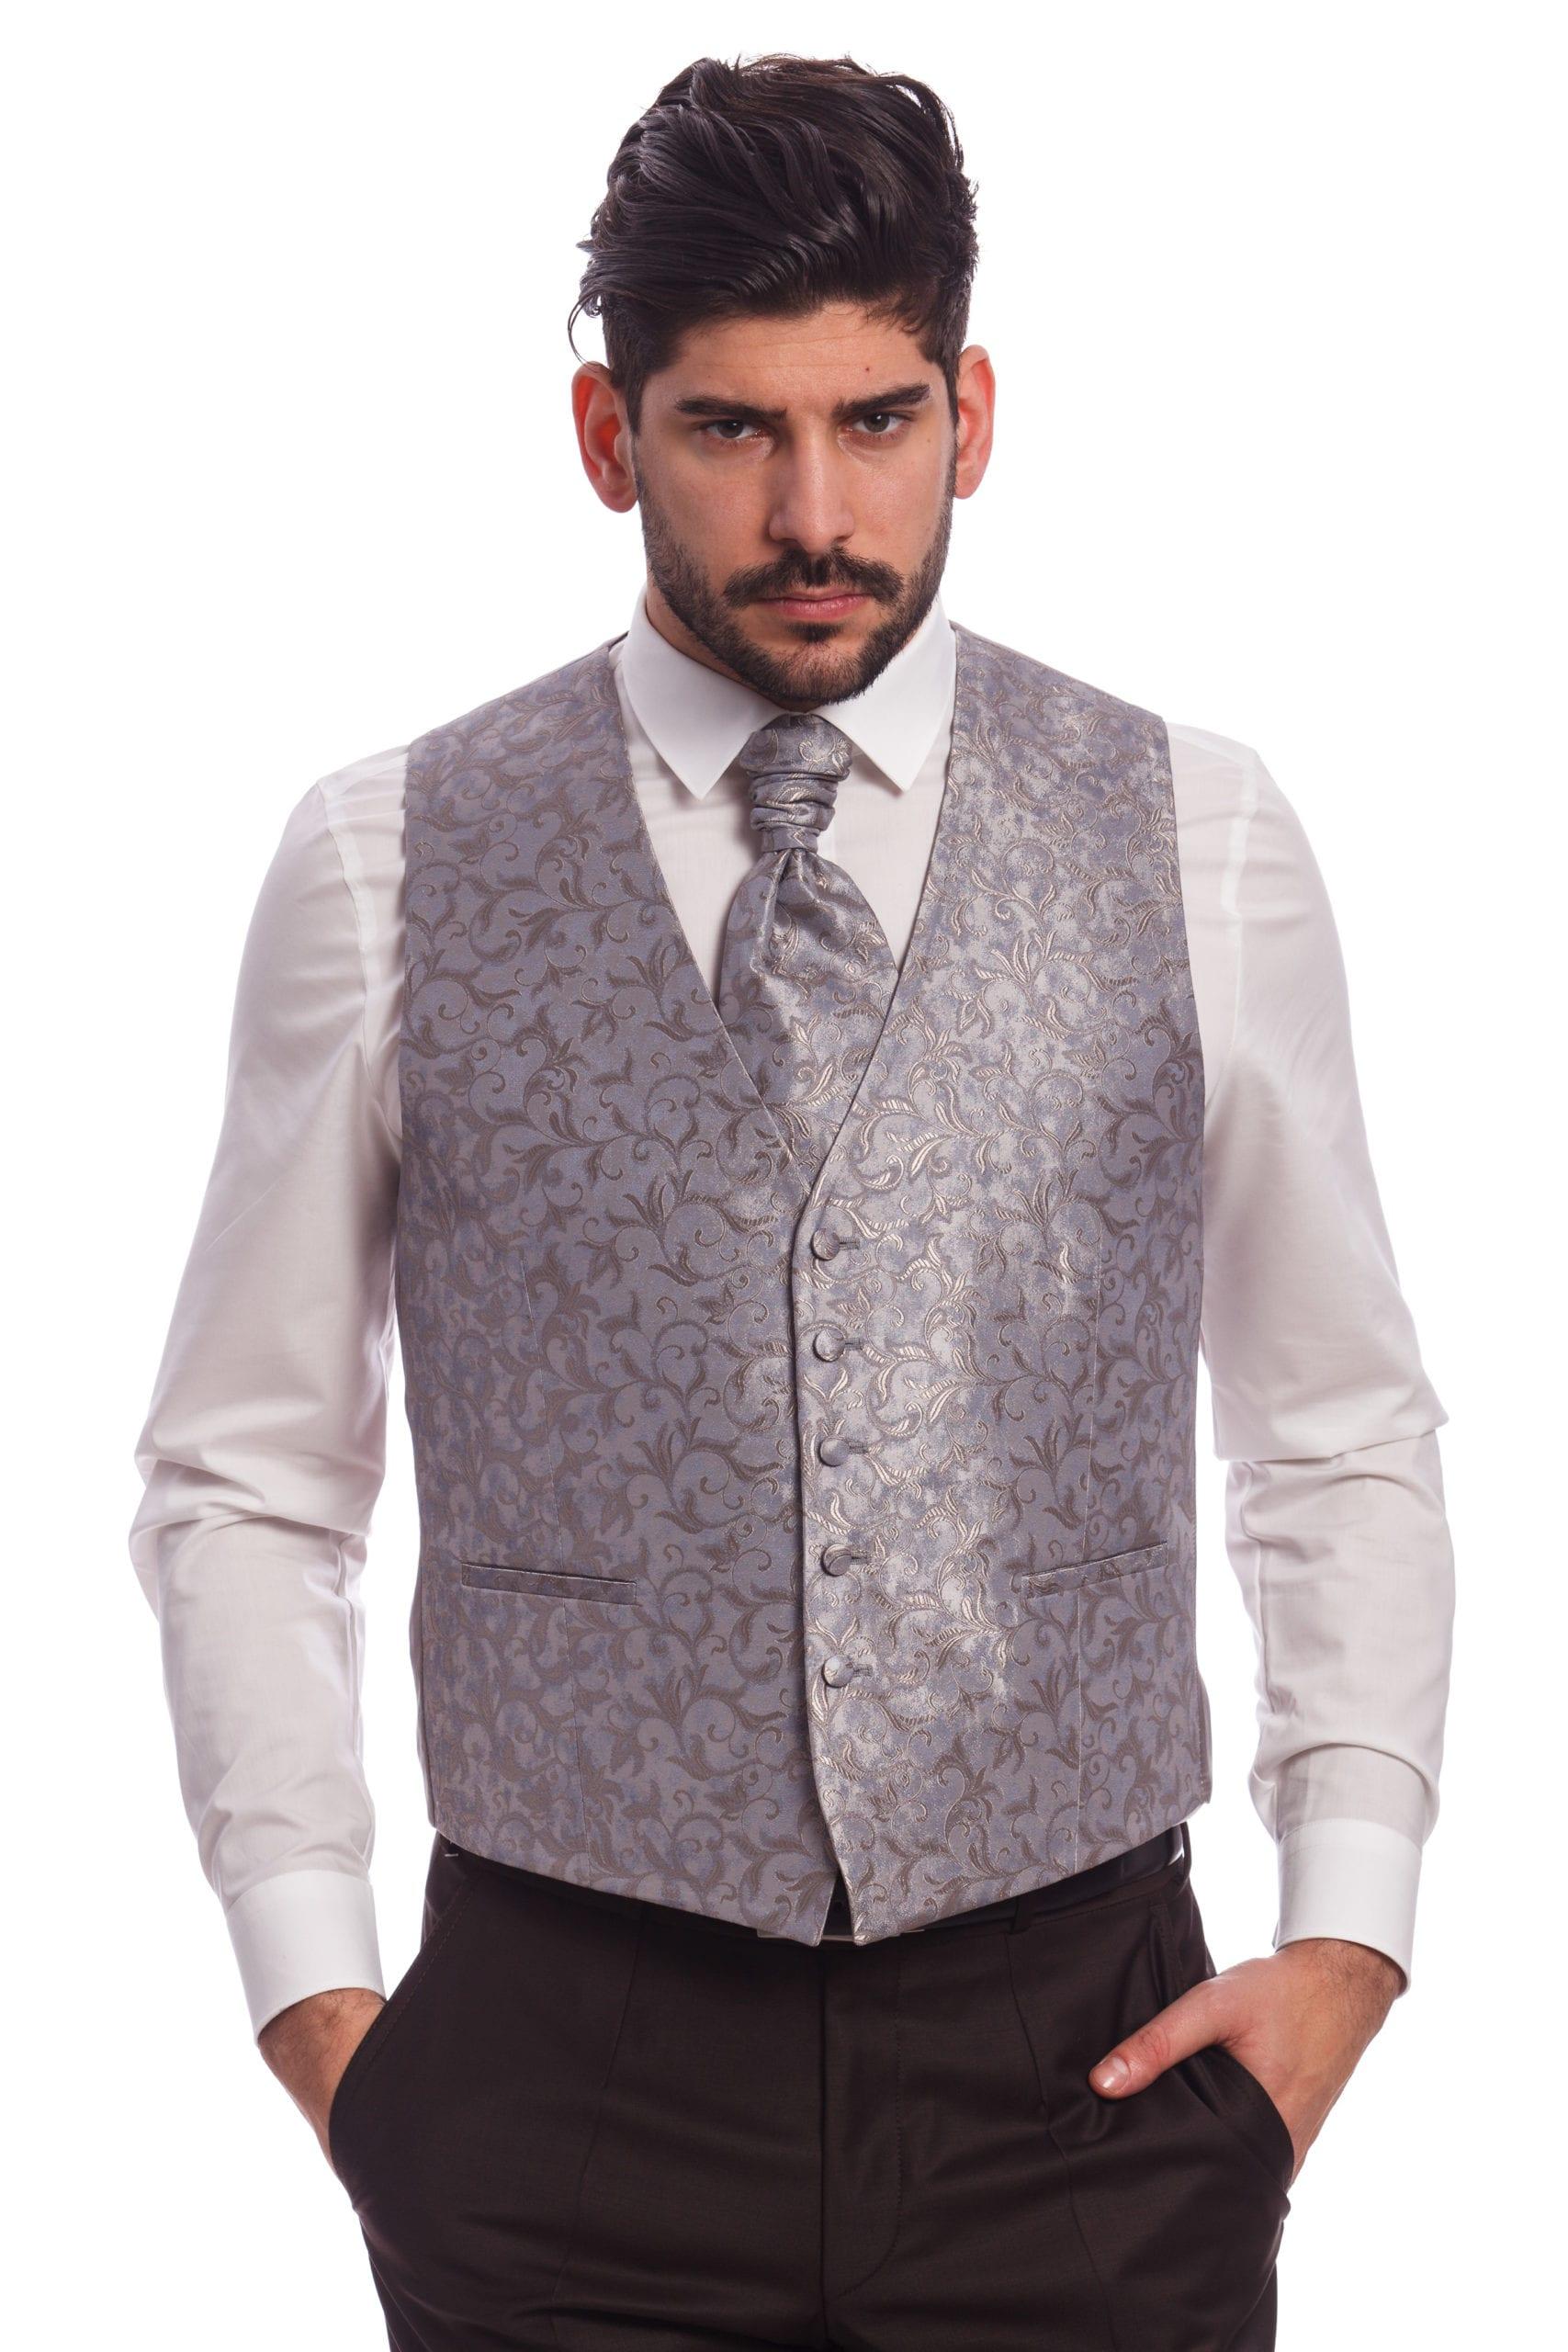 Wilvorst Szürke Mintás Esküvői Mellény - Elite Fashion Öltönyház 2a213619b9